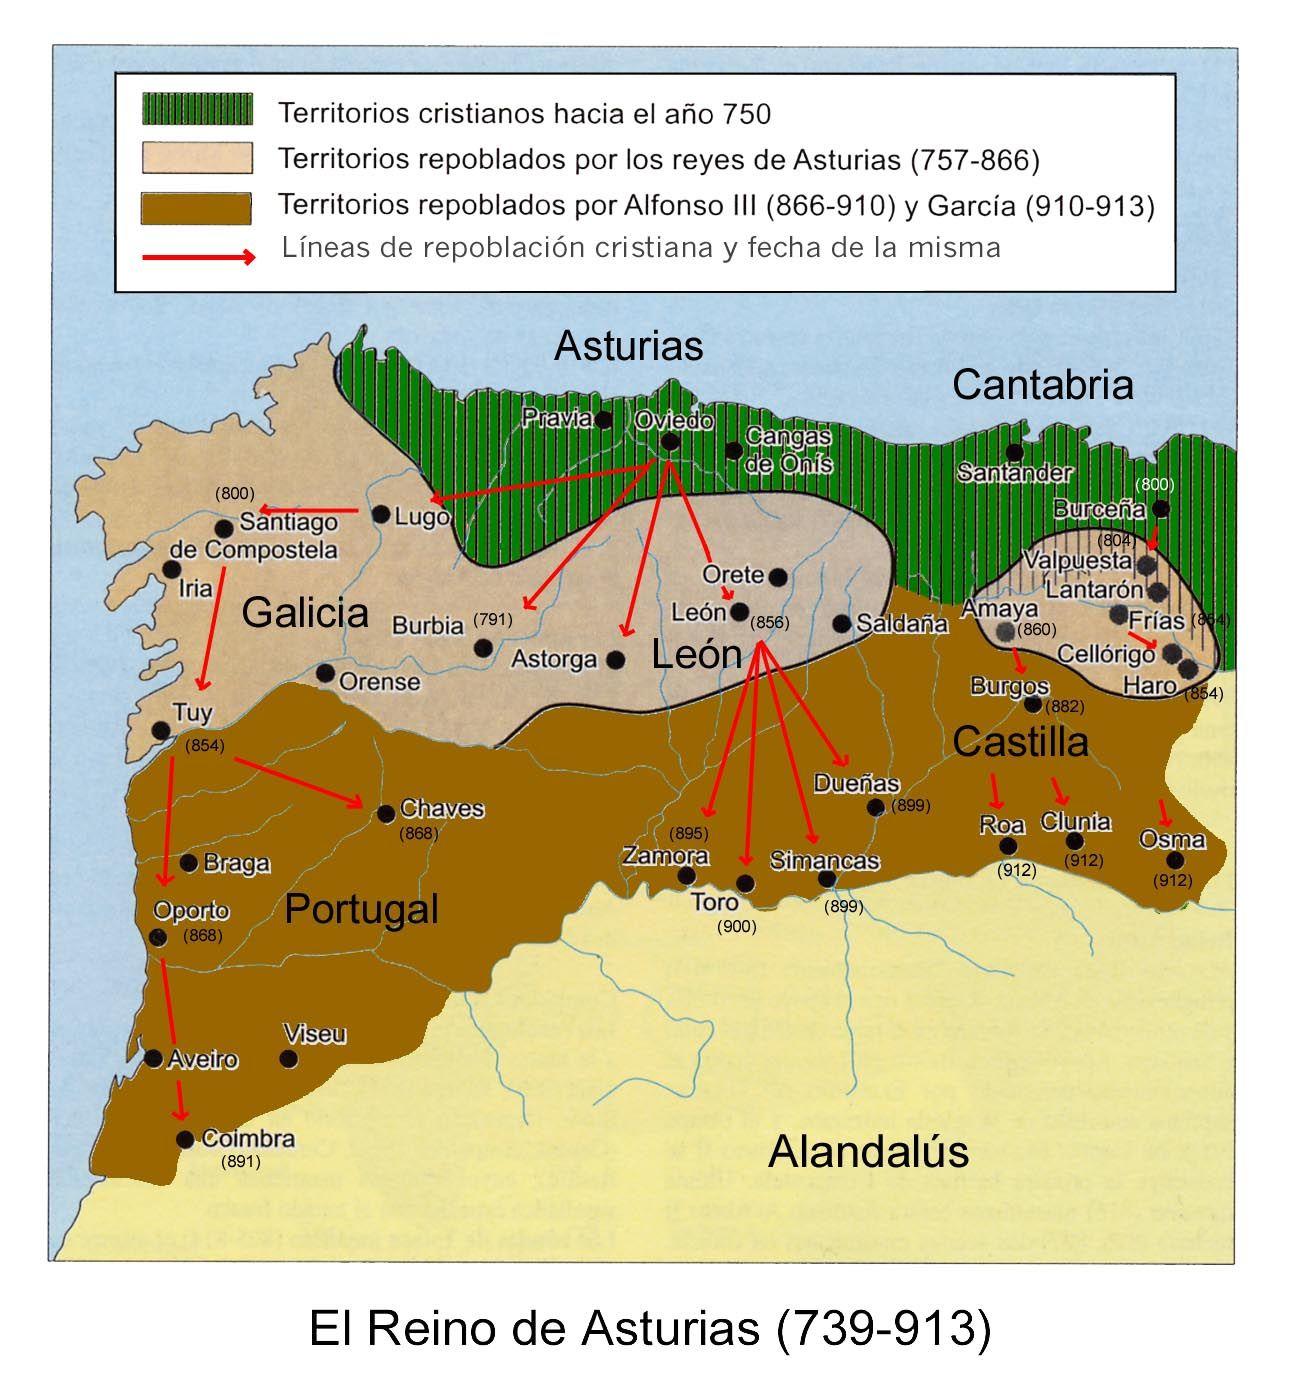 Mapa Reino De Asturias.El Reino De Asturias 739 913 Mapa De Geografia Mapa De Espana Historia De Espana